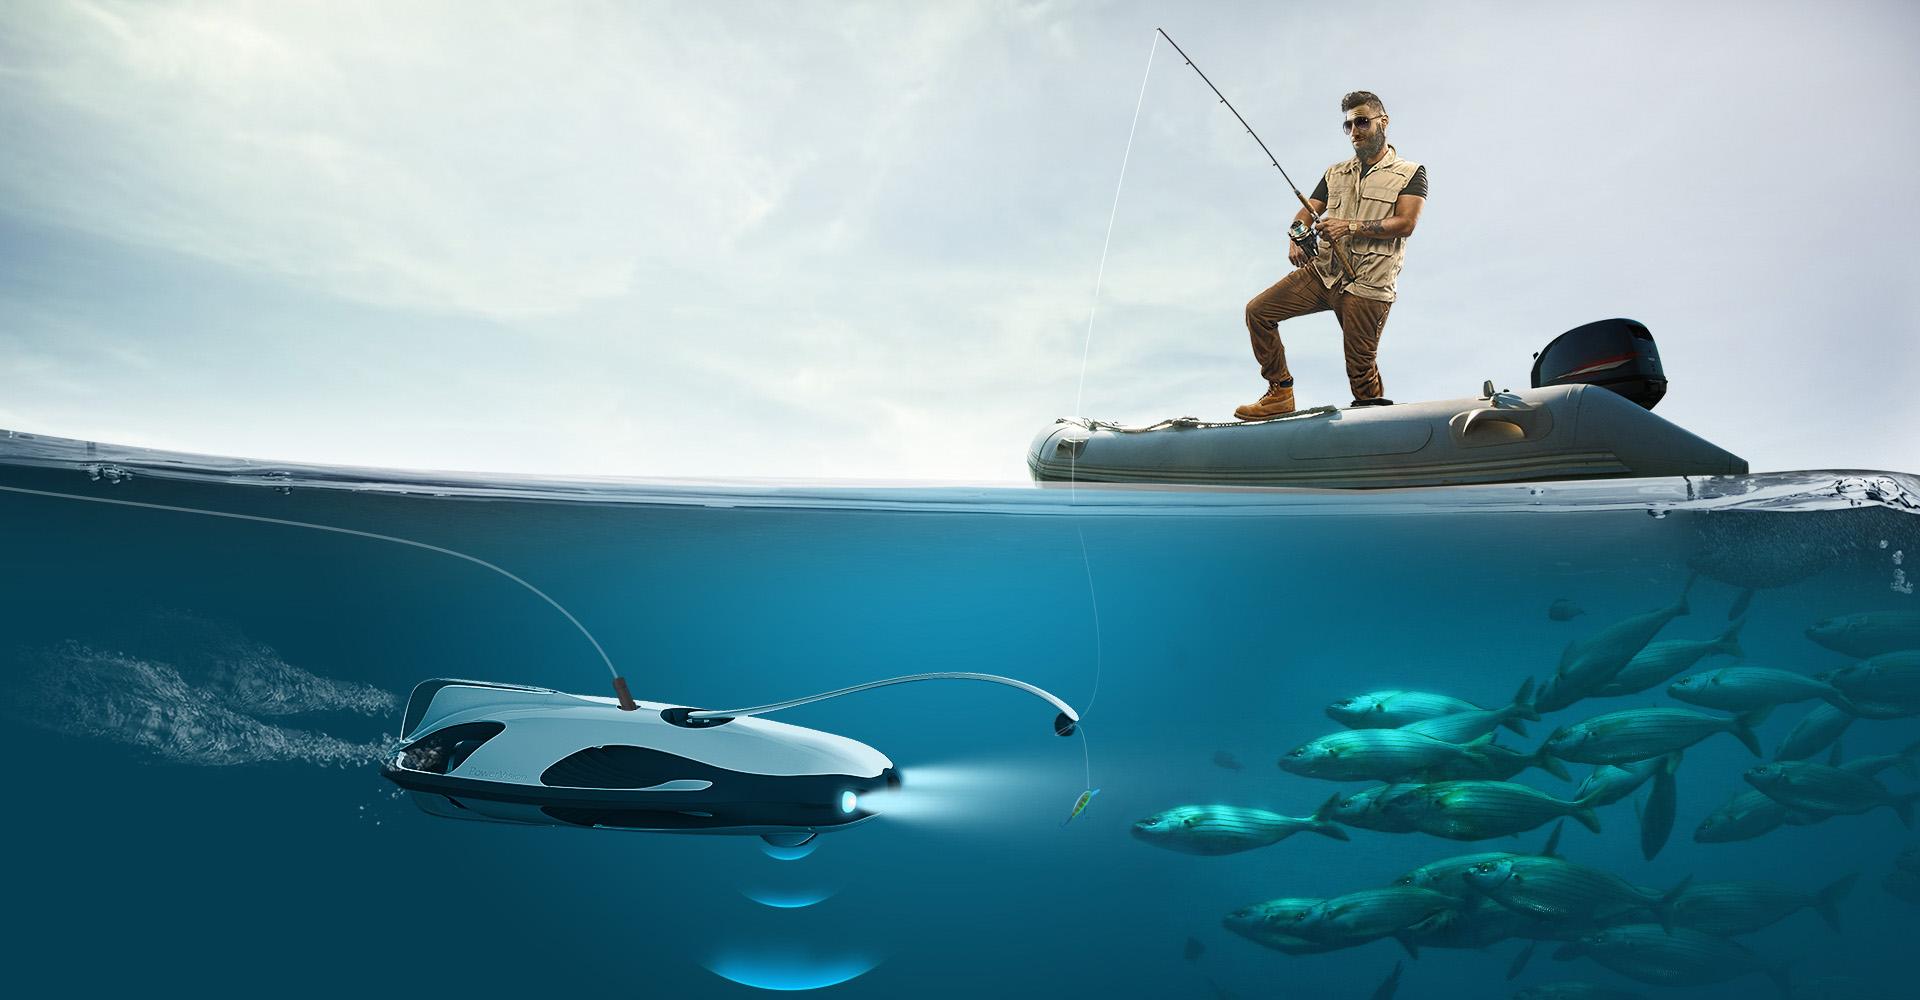 high-tech-fishing-dude-2017-01-03-01.jpg